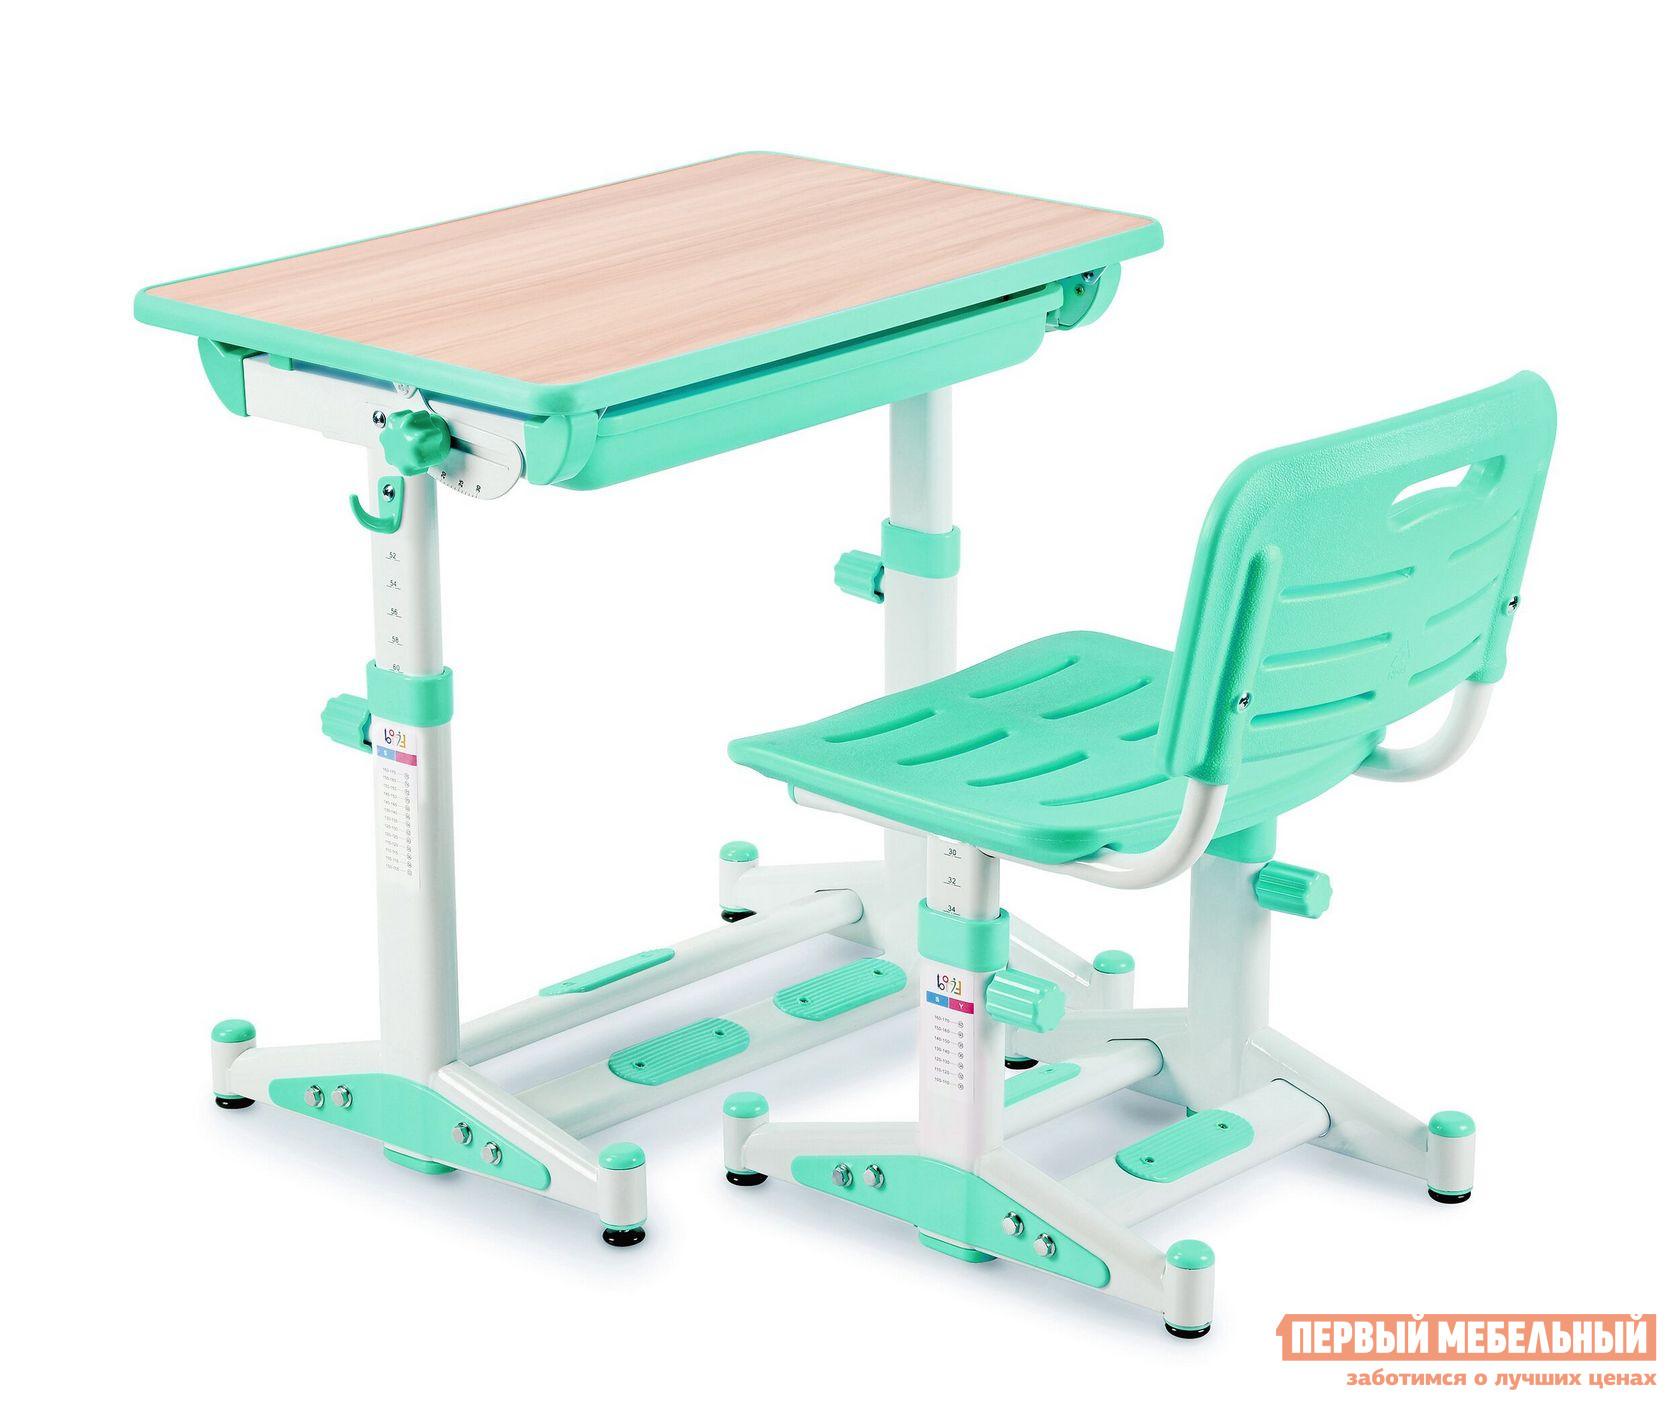 Парта Libao LK-11 ЗеленыйПарты<br>Габаритные размеры ВхШхГ 520 / 760x700x510 мм. Очень важно выбрать для ребенка эргономичную мебель для занятий.  Данный комплект отвечает всем современным и важным требованиям к детским изделиям.  Парта и стул регулируются по высоте, благодаря чему они будут расти параллельно с ребенком.  Угол наклона столешницы настраивается под разные цели от 10 до 45 градусов: для чтения, письма и рисования.  Стол имеет выдвижной ящик для хранение книг, тетрадей и канцелярских принадлежностей.  Стул оснащен решетчатыми сиденьем и спинкой для оптимальной вентиляции.  А также модель способствует хорошей осанке ребенка. Размер стола: 520 / 760 х 700 х 510 мм. Размер стула: 300 / 440 х 380 х 340 мм. Столешница выполнена из МДФ.  Стул и парт изготовлены из стальной трубы и экологически чистого полипропилена.<br><br>Цвет: Зеленый<br>Высота мм: 520 / 760<br>Ширина мм: 700<br>Глубина мм: 510<br>Кол-во упаковок: 1<br>Форма поставки: В разобранном виде<br>Срок гарантии: 1 год<br>Тип: Трансформер<br>Тип: Одноместные<br>Тип: Регулируемые<br>Тип: Растущие<br>Тип: Ортопедические<br>Назначение: Для дома<br>Назначение: Для школьников<br>Материал: Металл<br>Материал: Пластик<br>Материал: МДФ<br>Со стулом: Да<br>Рост ребенка: Рост 115-130 см<br>Рост ребенка: Рост 130-145 см<br>Рост ребенка: Рост 145-160 см<br>Рост ребенка: Рост 160-175 см<br>Рост ребенка: Рост 175-185 см